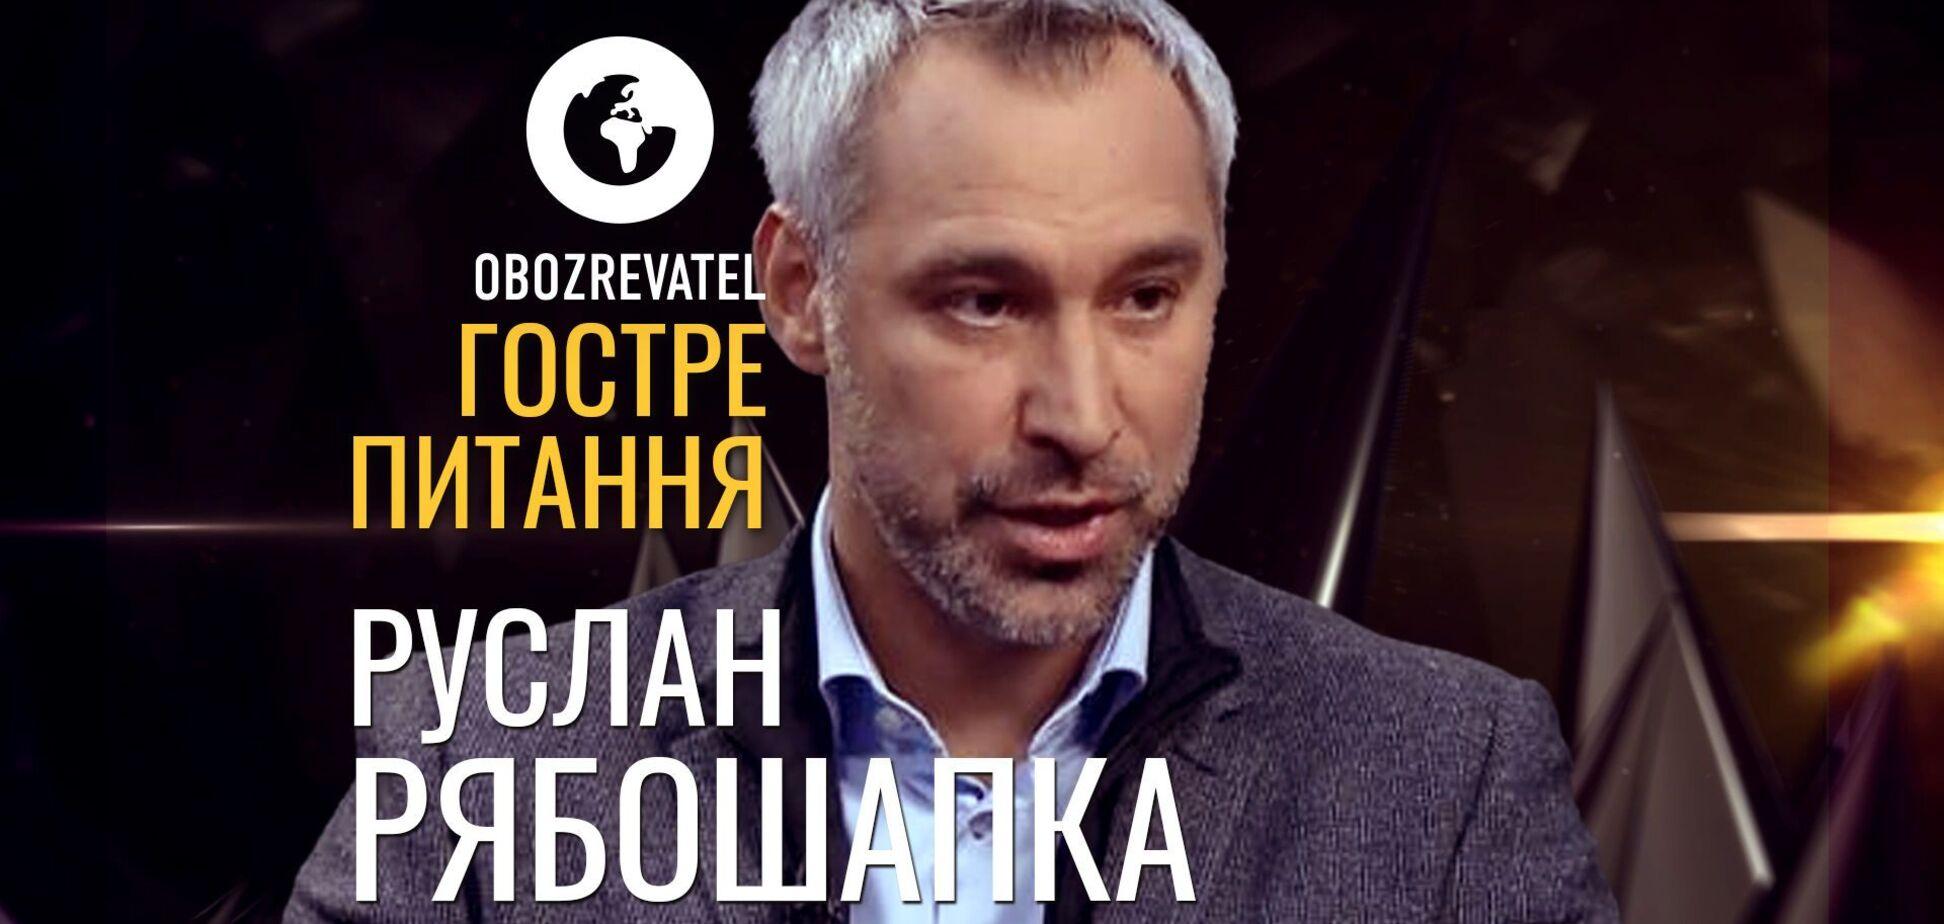 Руслан Рябошапка на OBOZREVATEL: задайте экс-генпрокурору острый вопрос